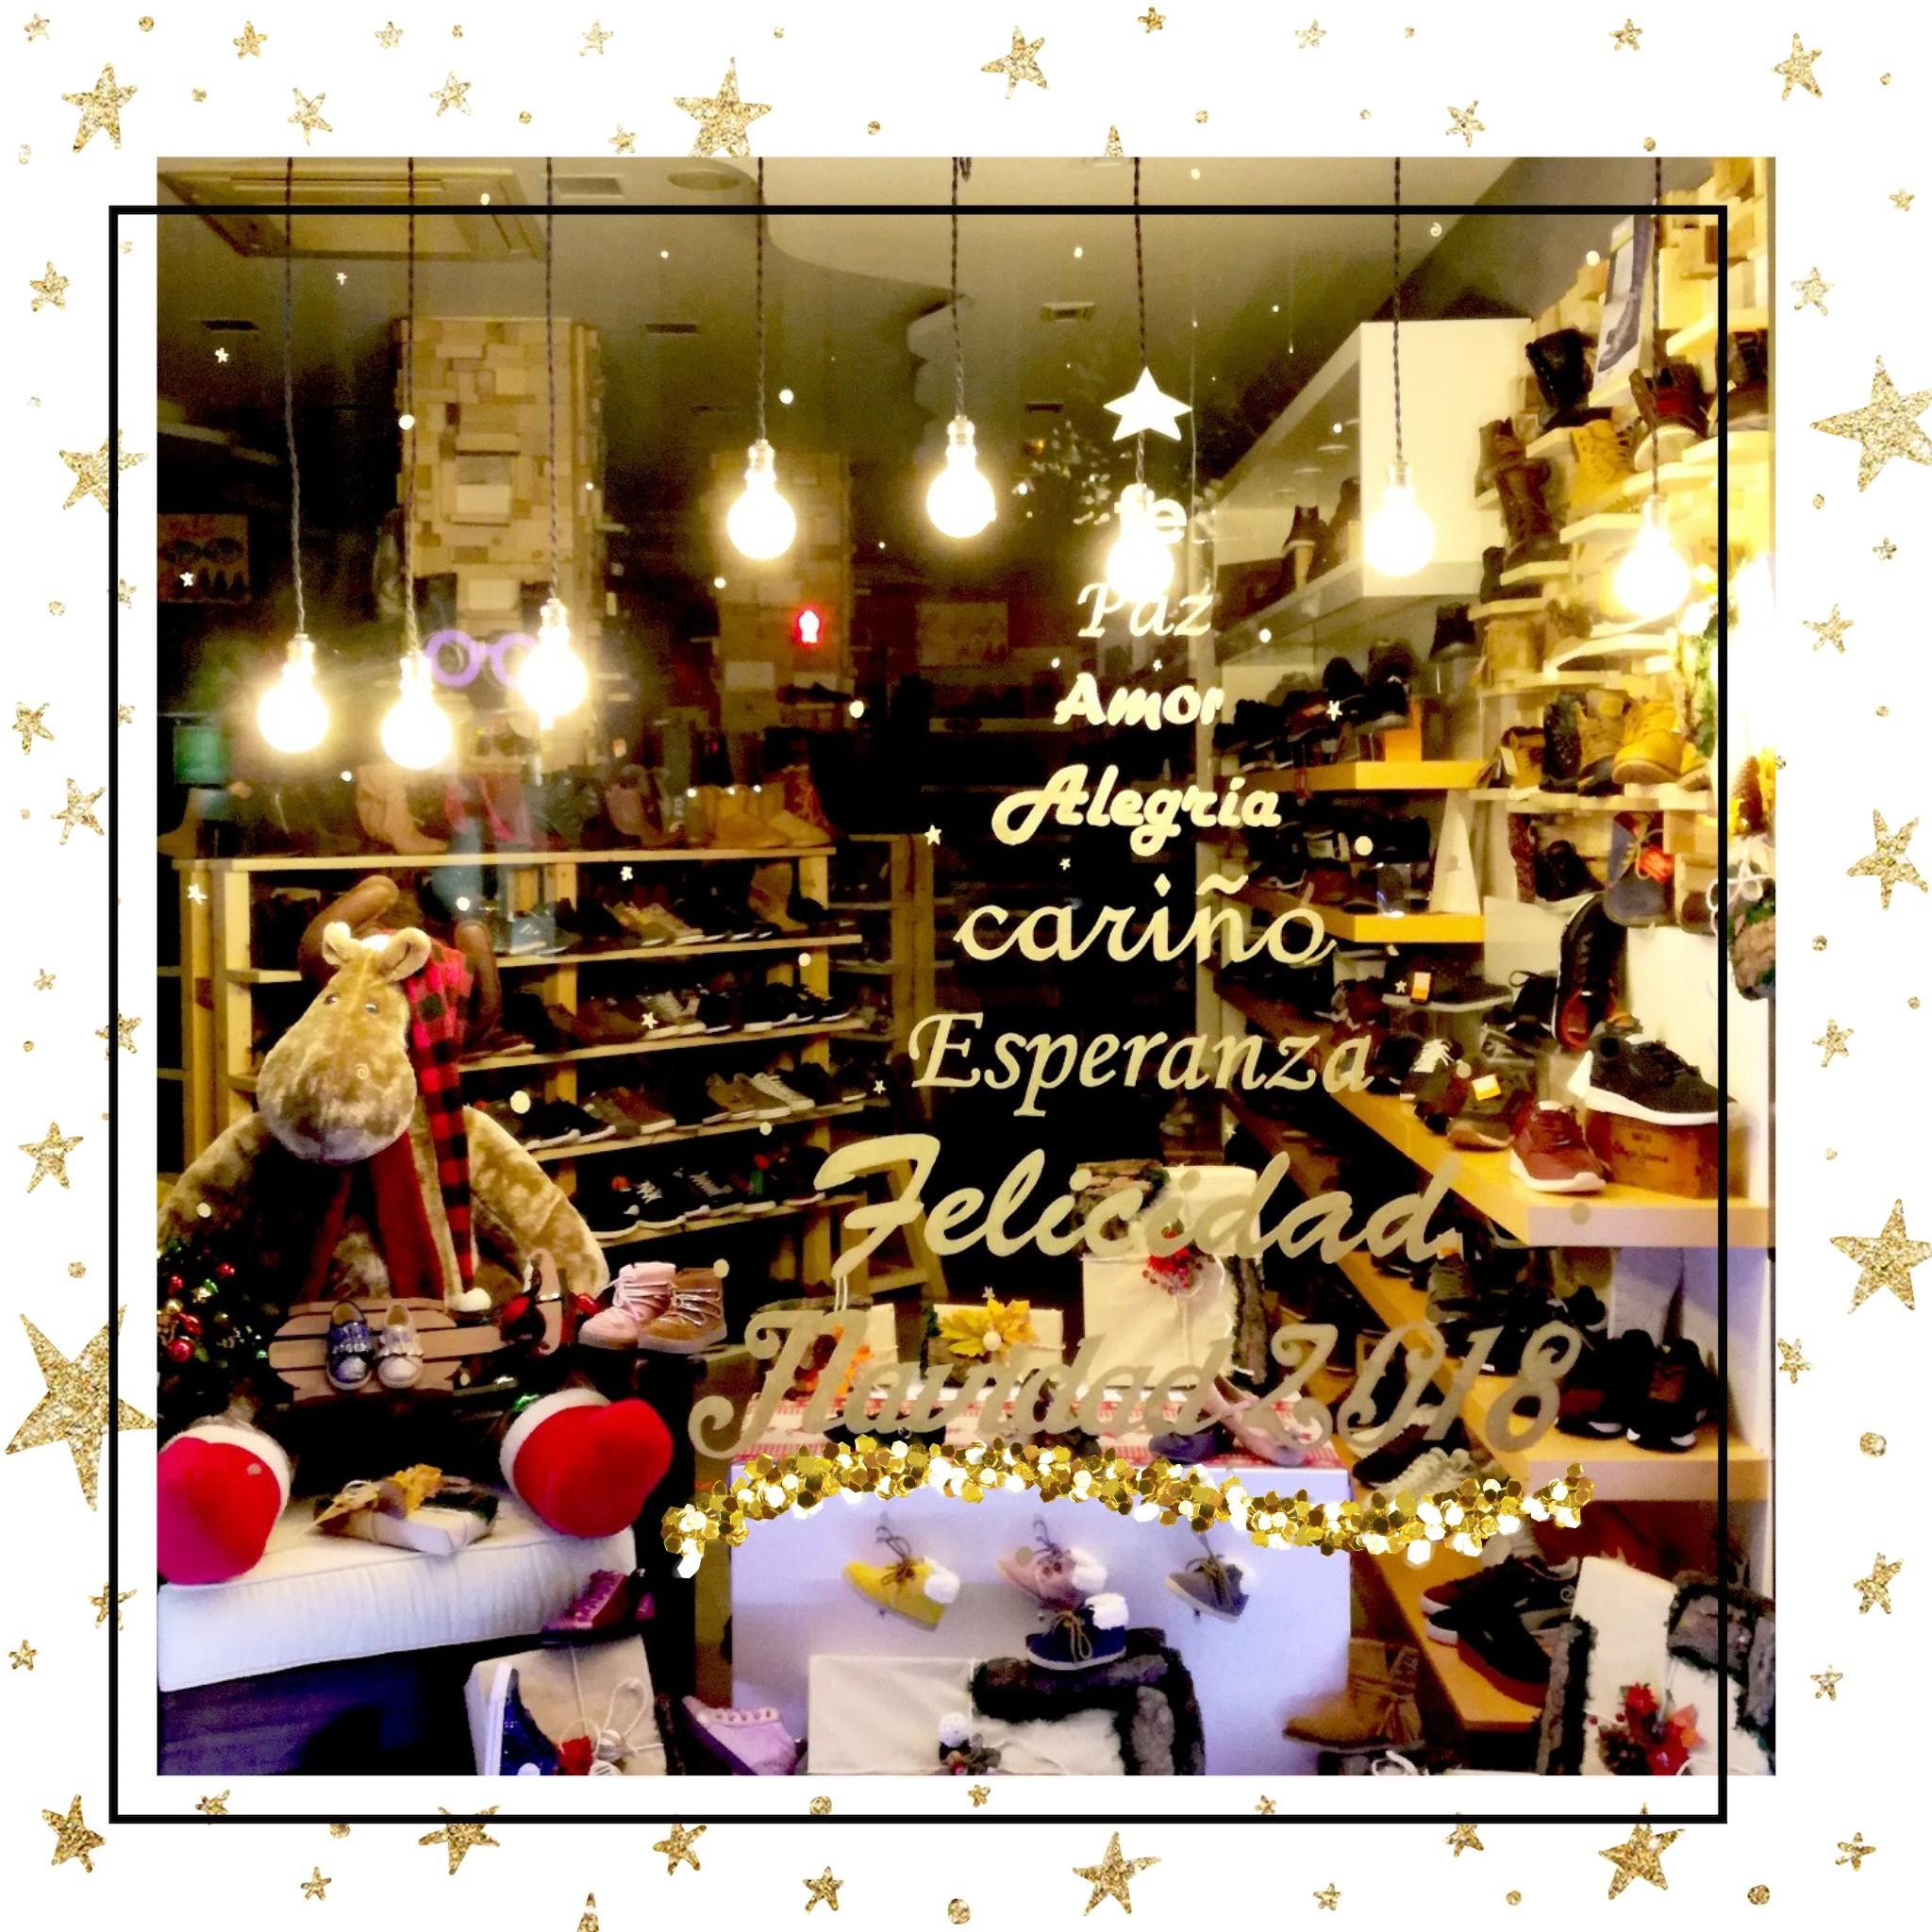 Todo el equipo de Soul of Mancebo os desea una Feliz Navidad!! ☃️🎅👑 Ven a vernos para tus regalos de navidad y disfruta comprando! 🎁🎁🎄🎄